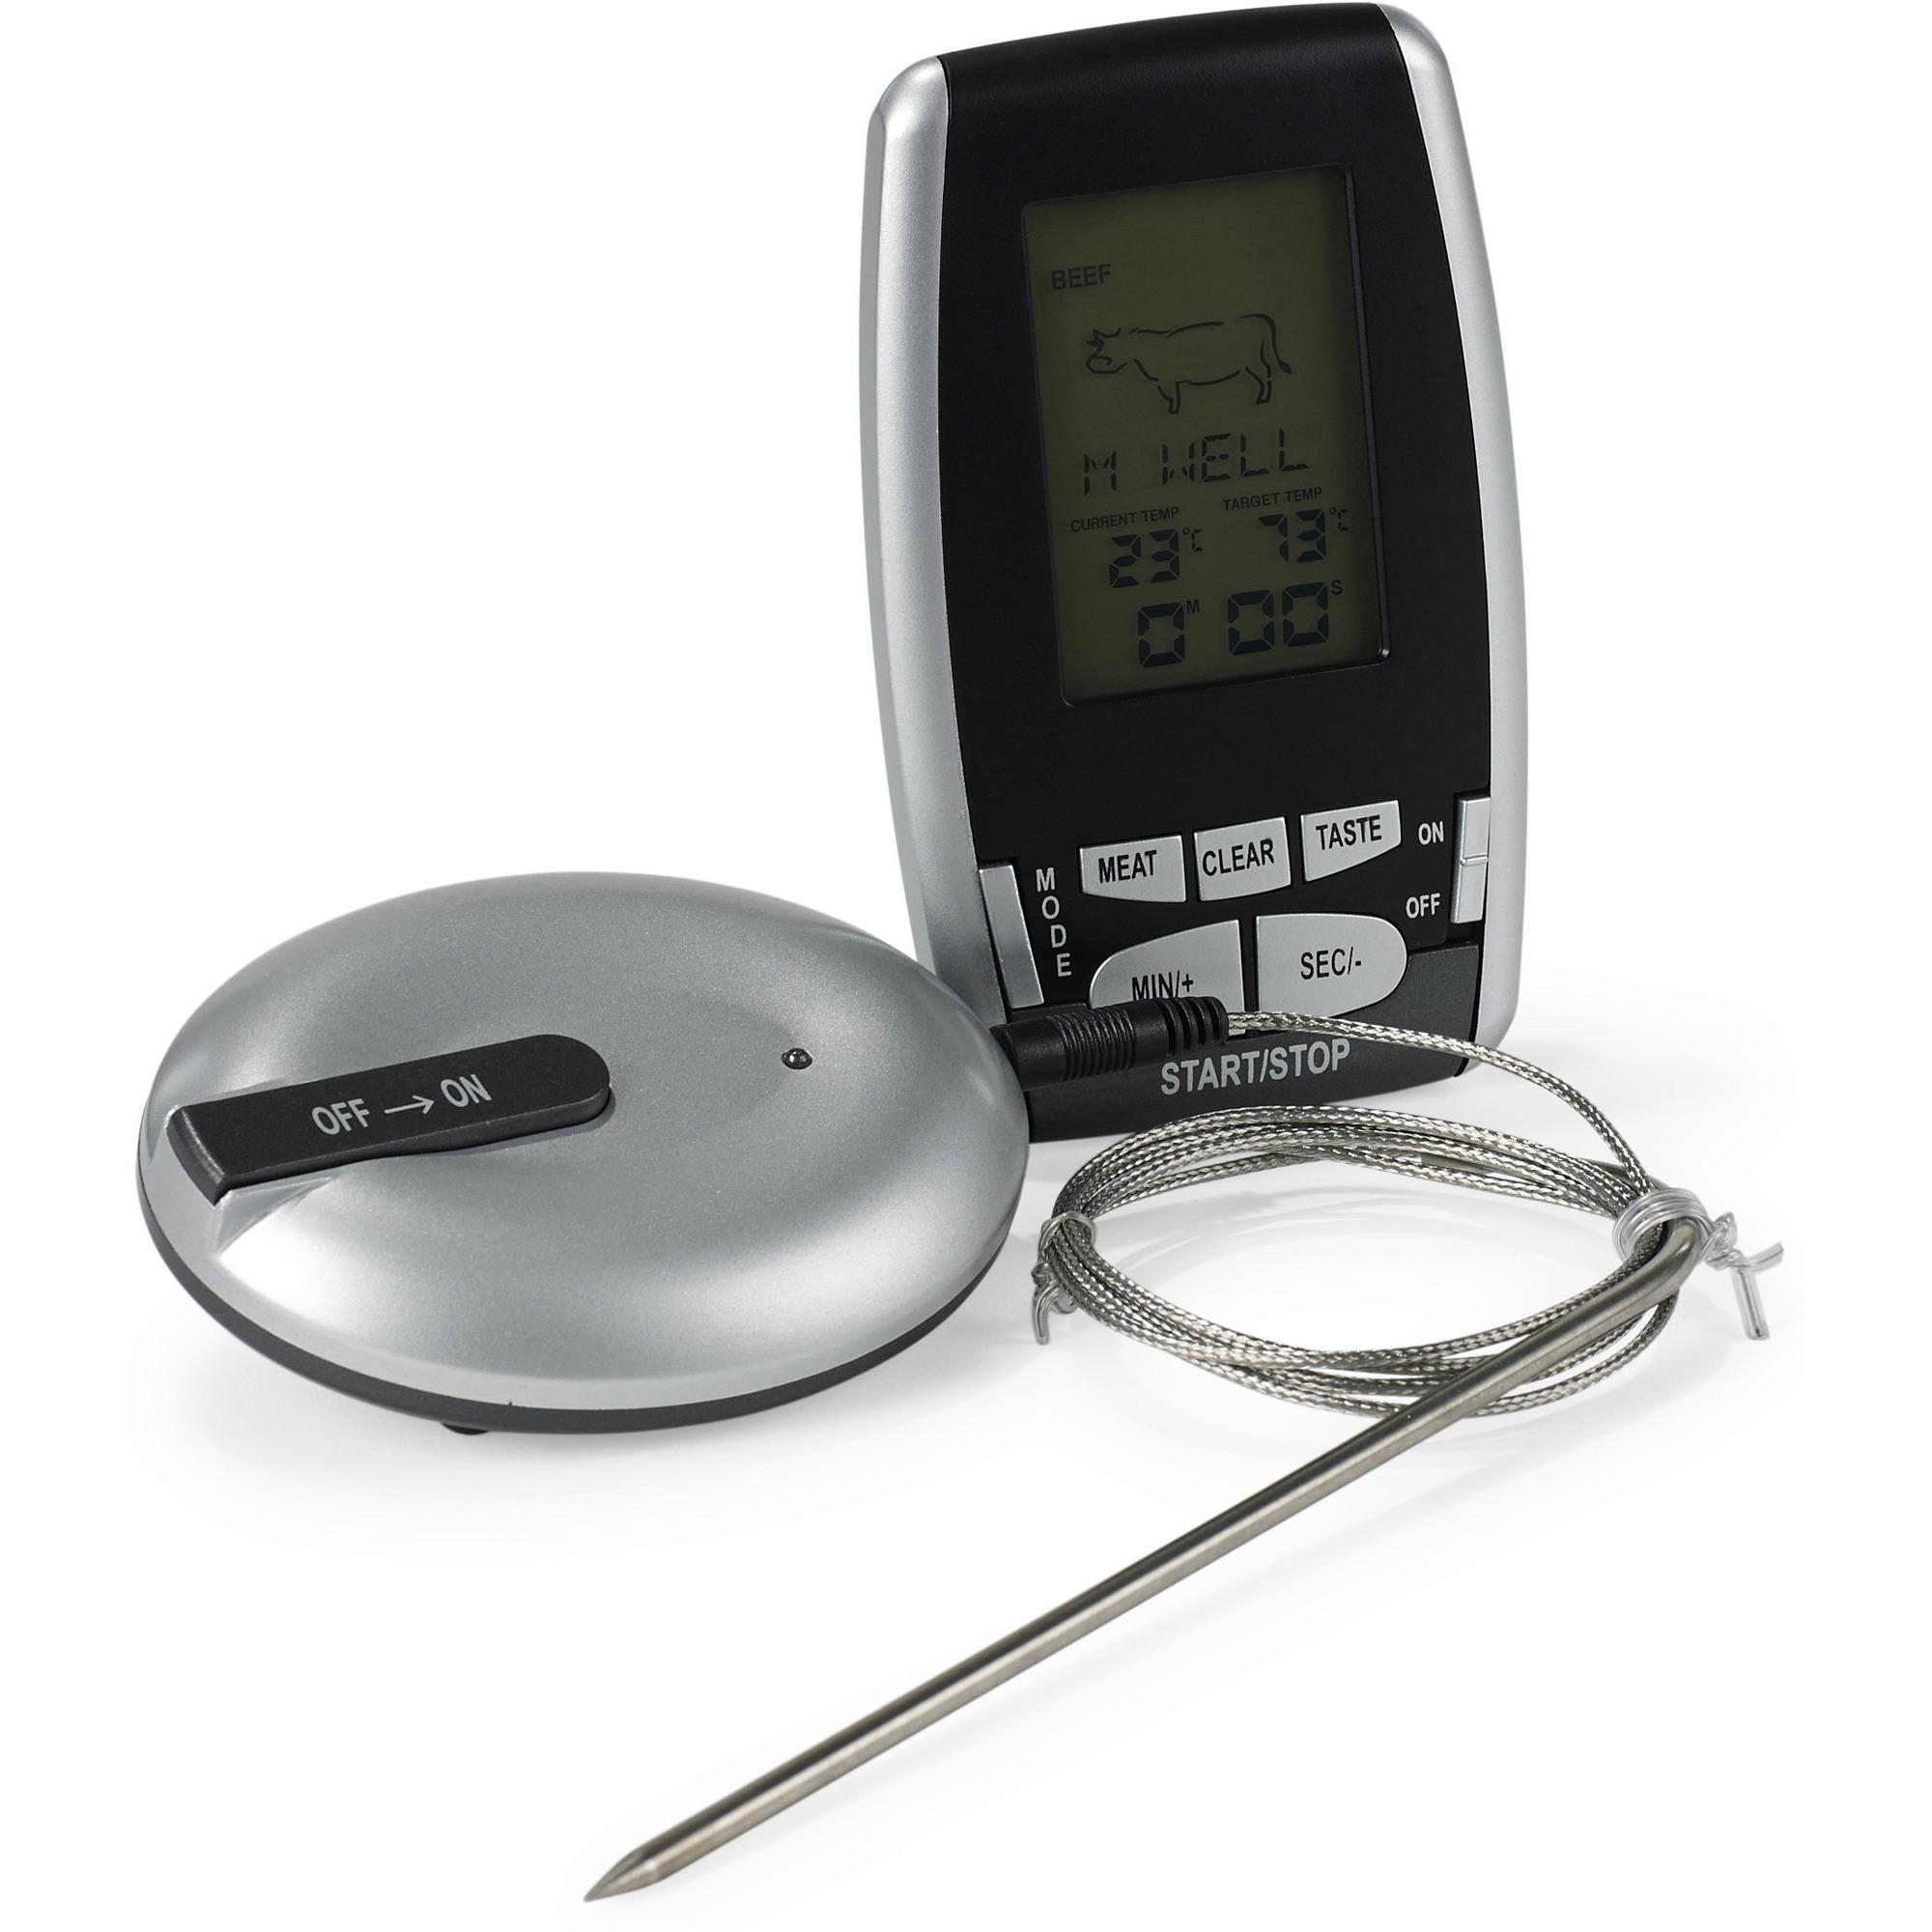 Bra Trådlös Stektermometer Digital från Funktion » Snabb leverans BE-02